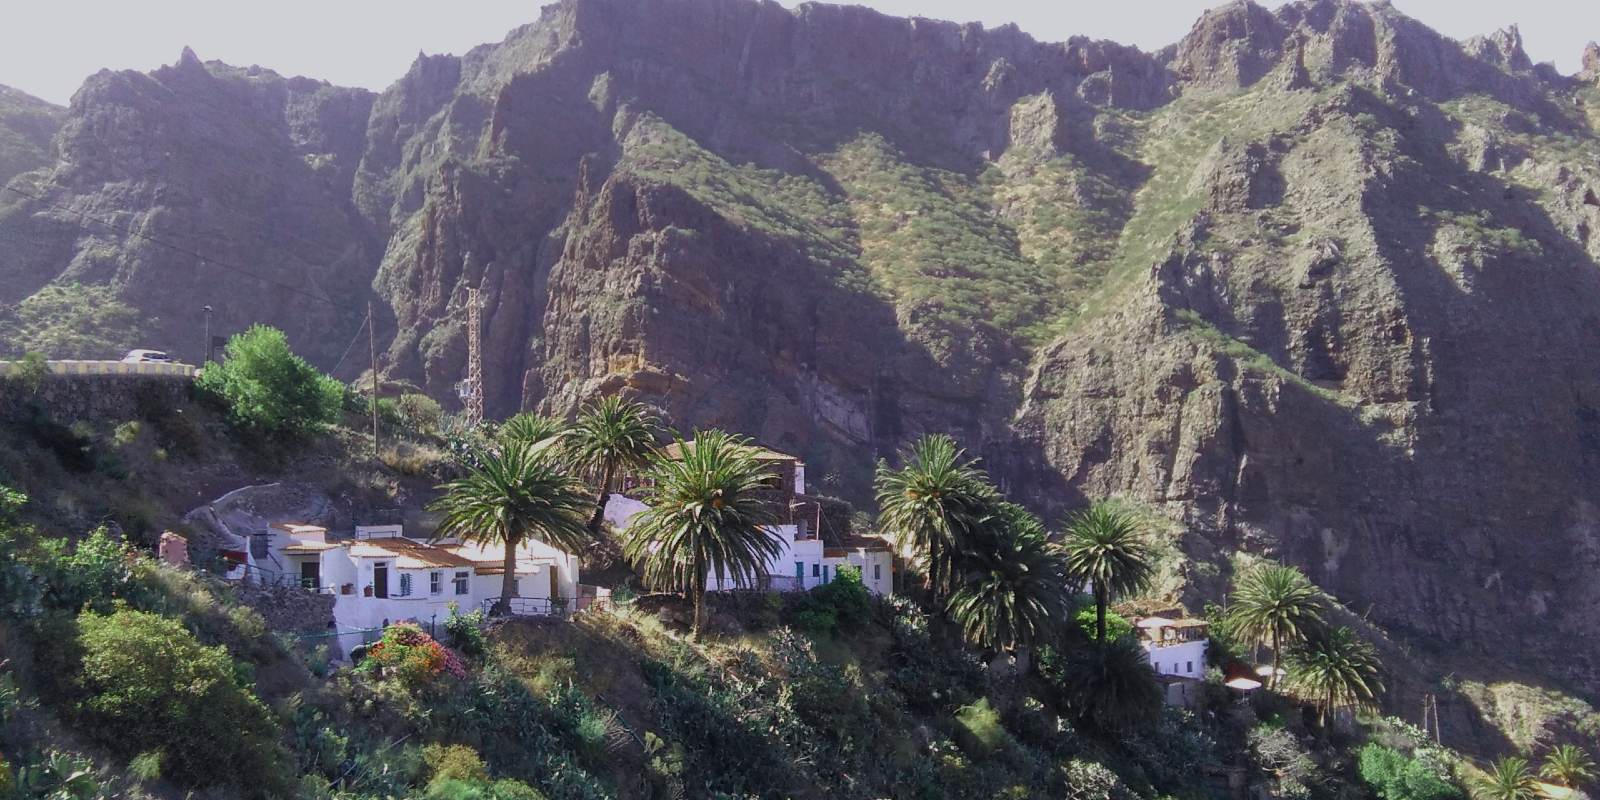 Pequeñas casas construidas sobre estrechas crestas de impresionantes formaciones de roca